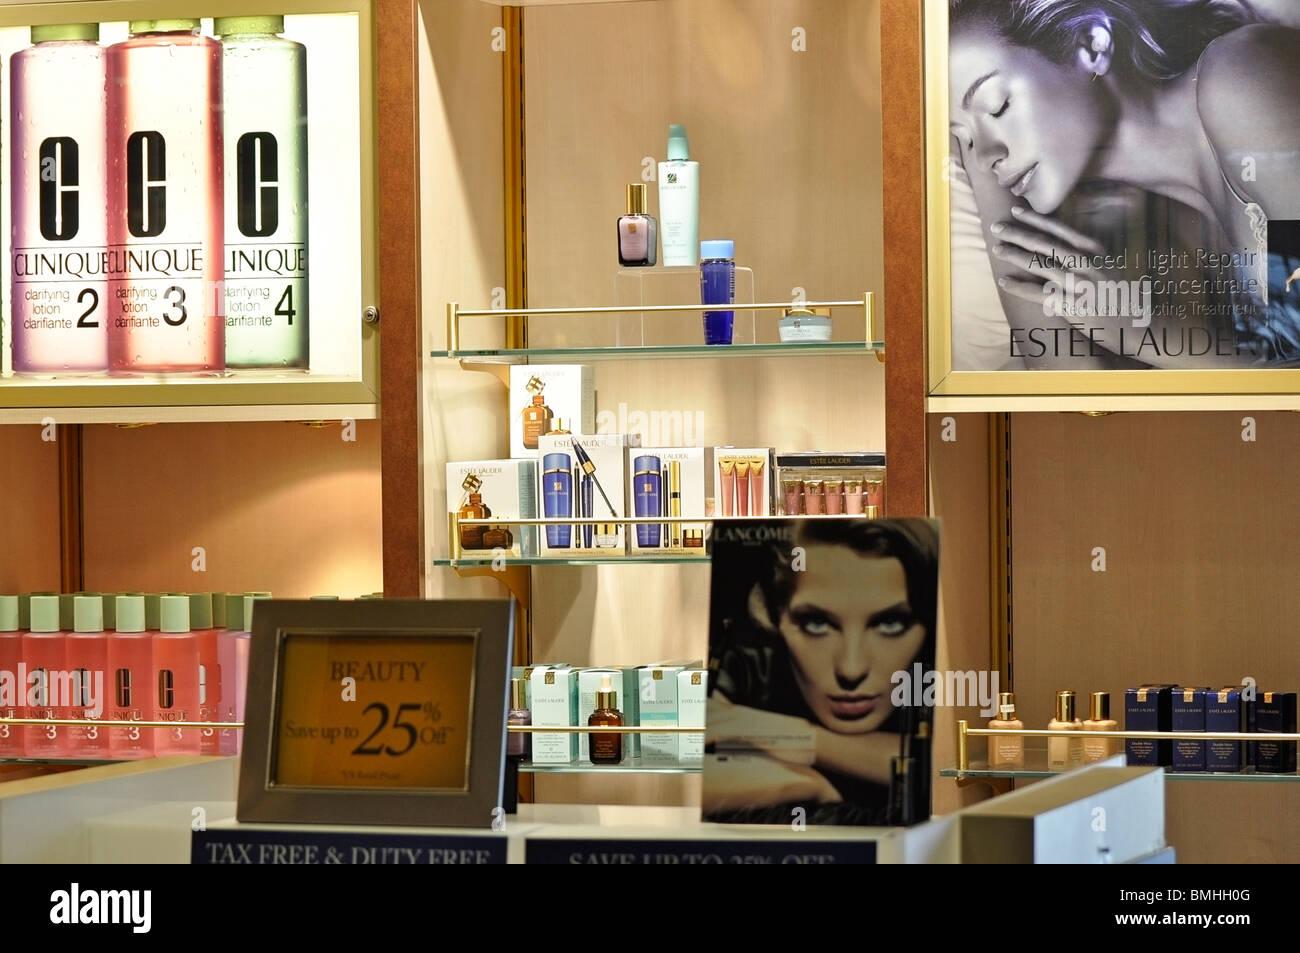 Kosmetik-Anzeige Stockbild